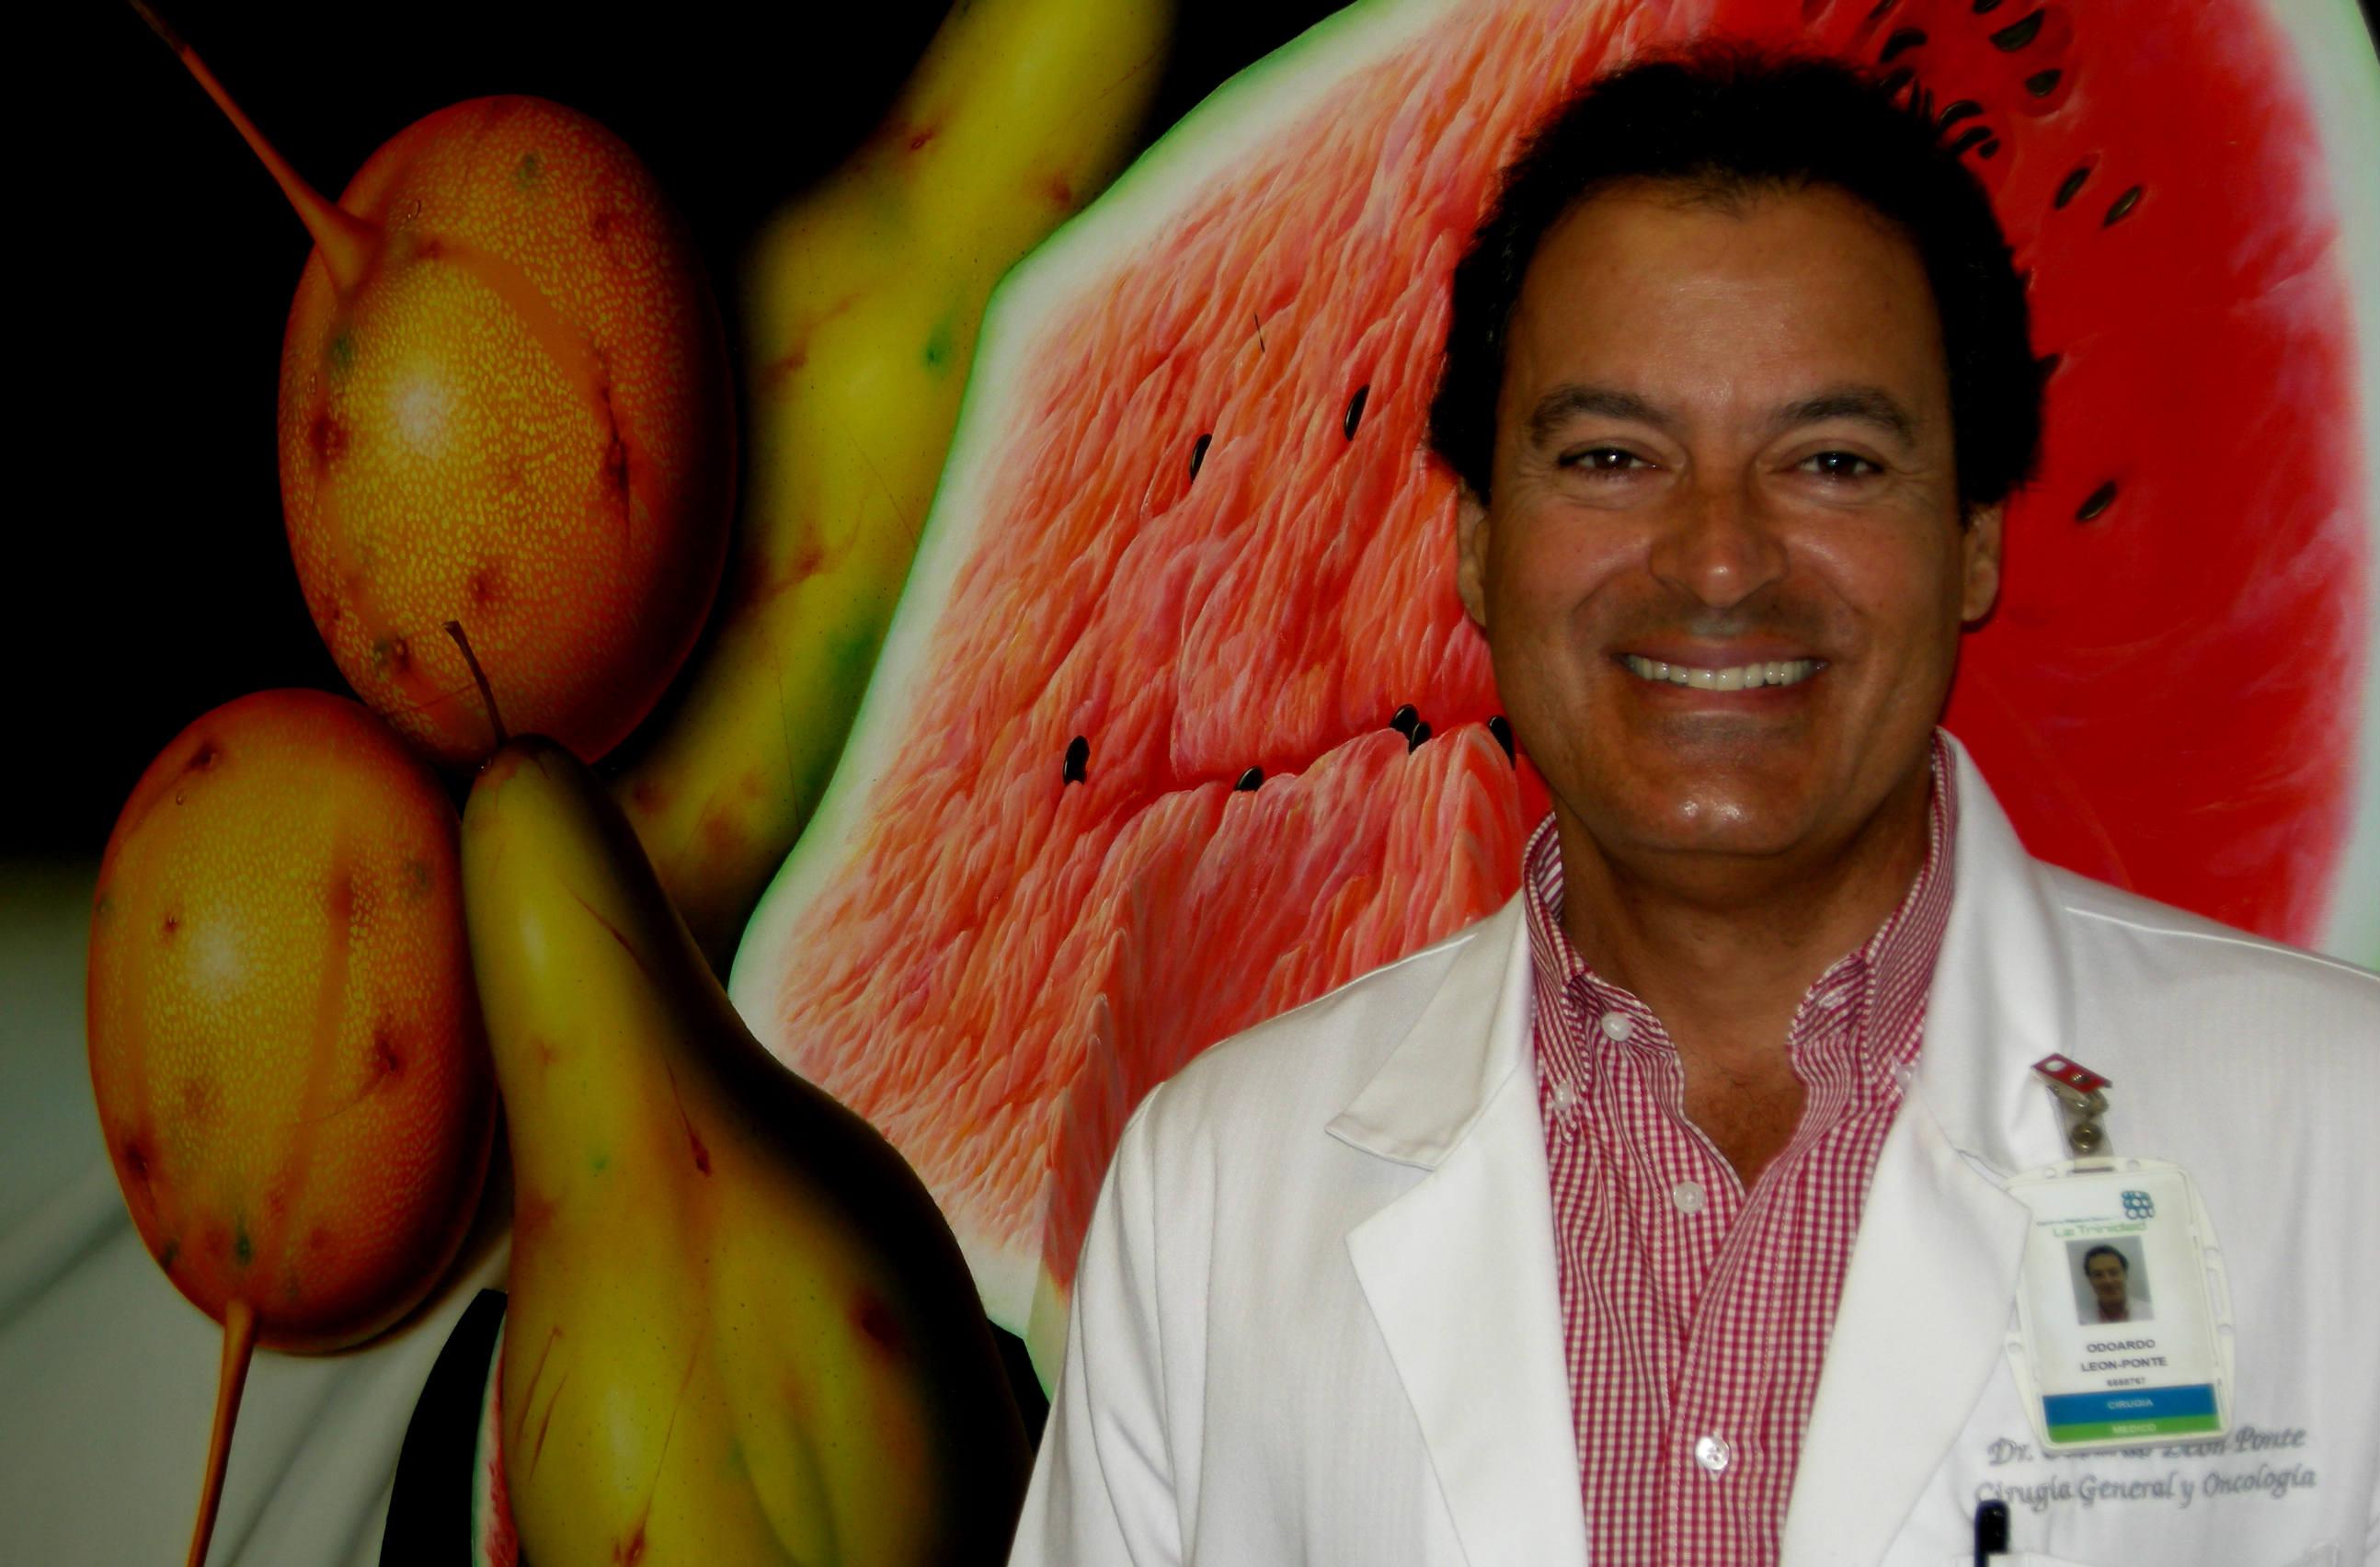 Cirugía bariátrica: Una decisión de peso por Blanca García Bocaranda